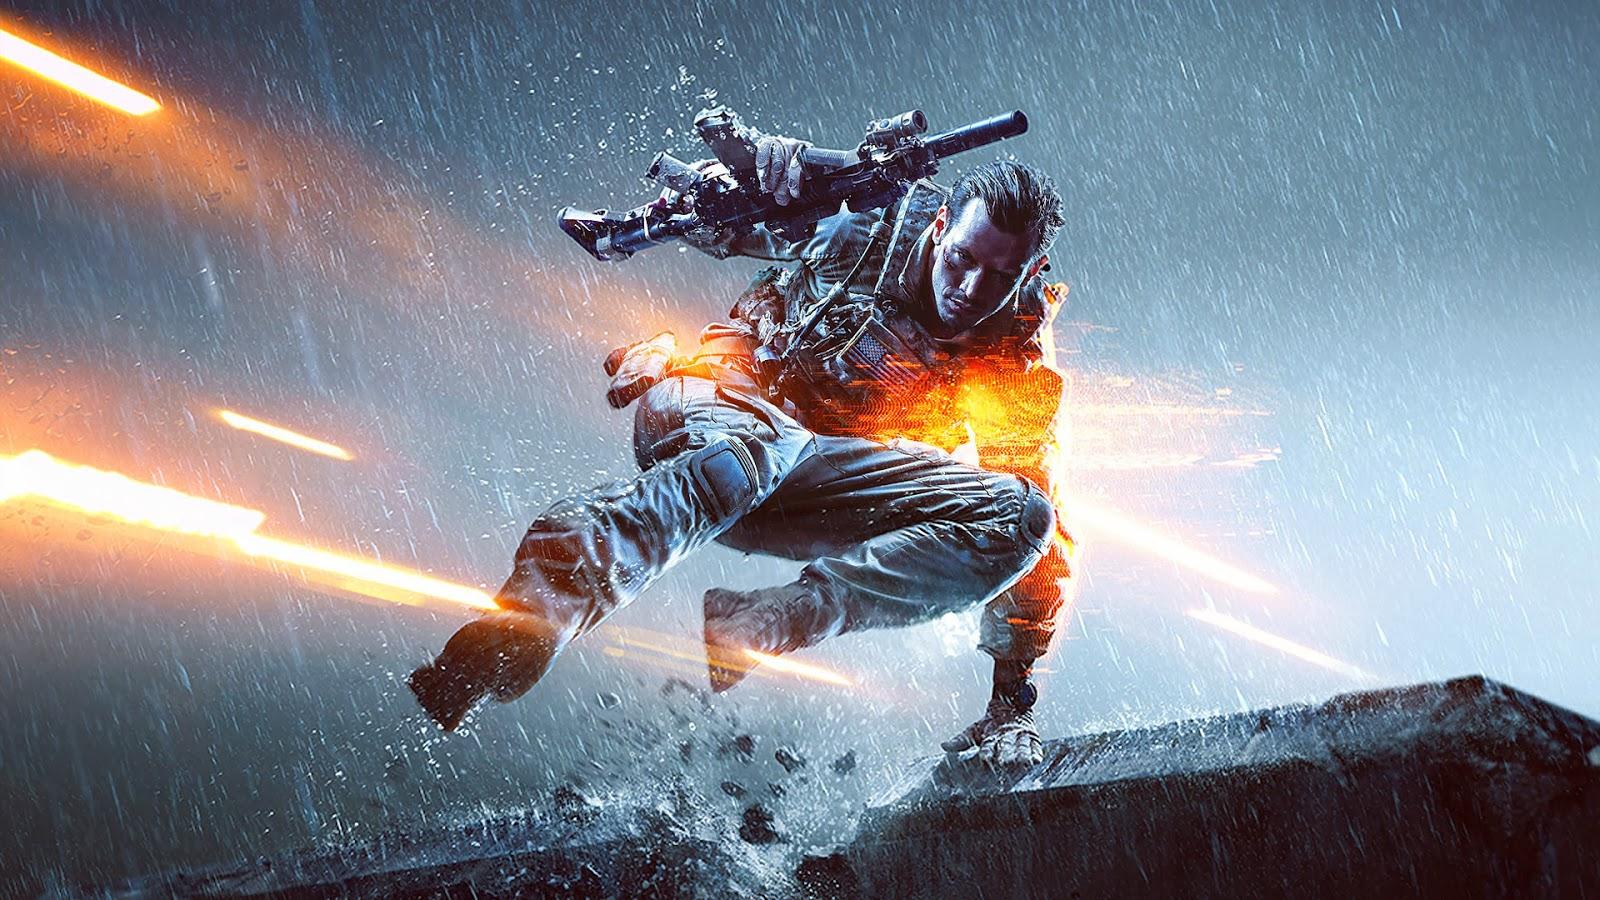 X clipartfox cool wallpapers. Battlefield 4 clipart